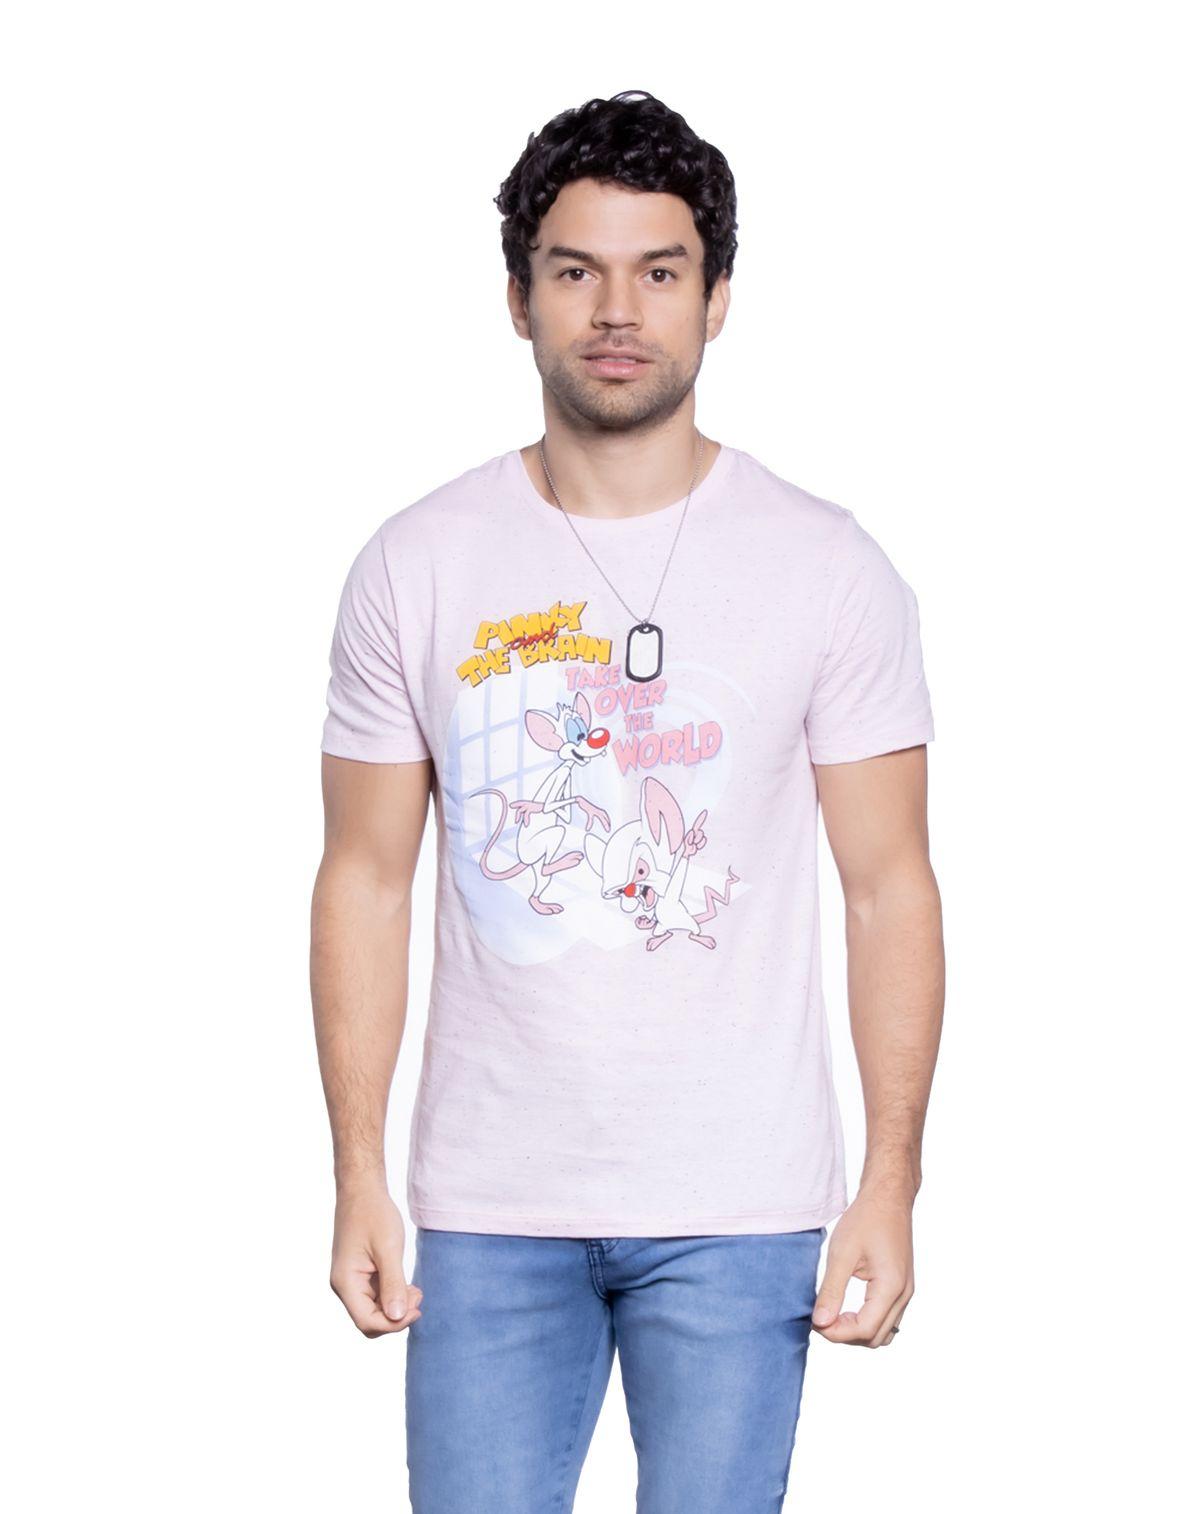 588337002-camiseta-manga-curta-masculina-botone-pink-e-cerebro-rosa-m-832